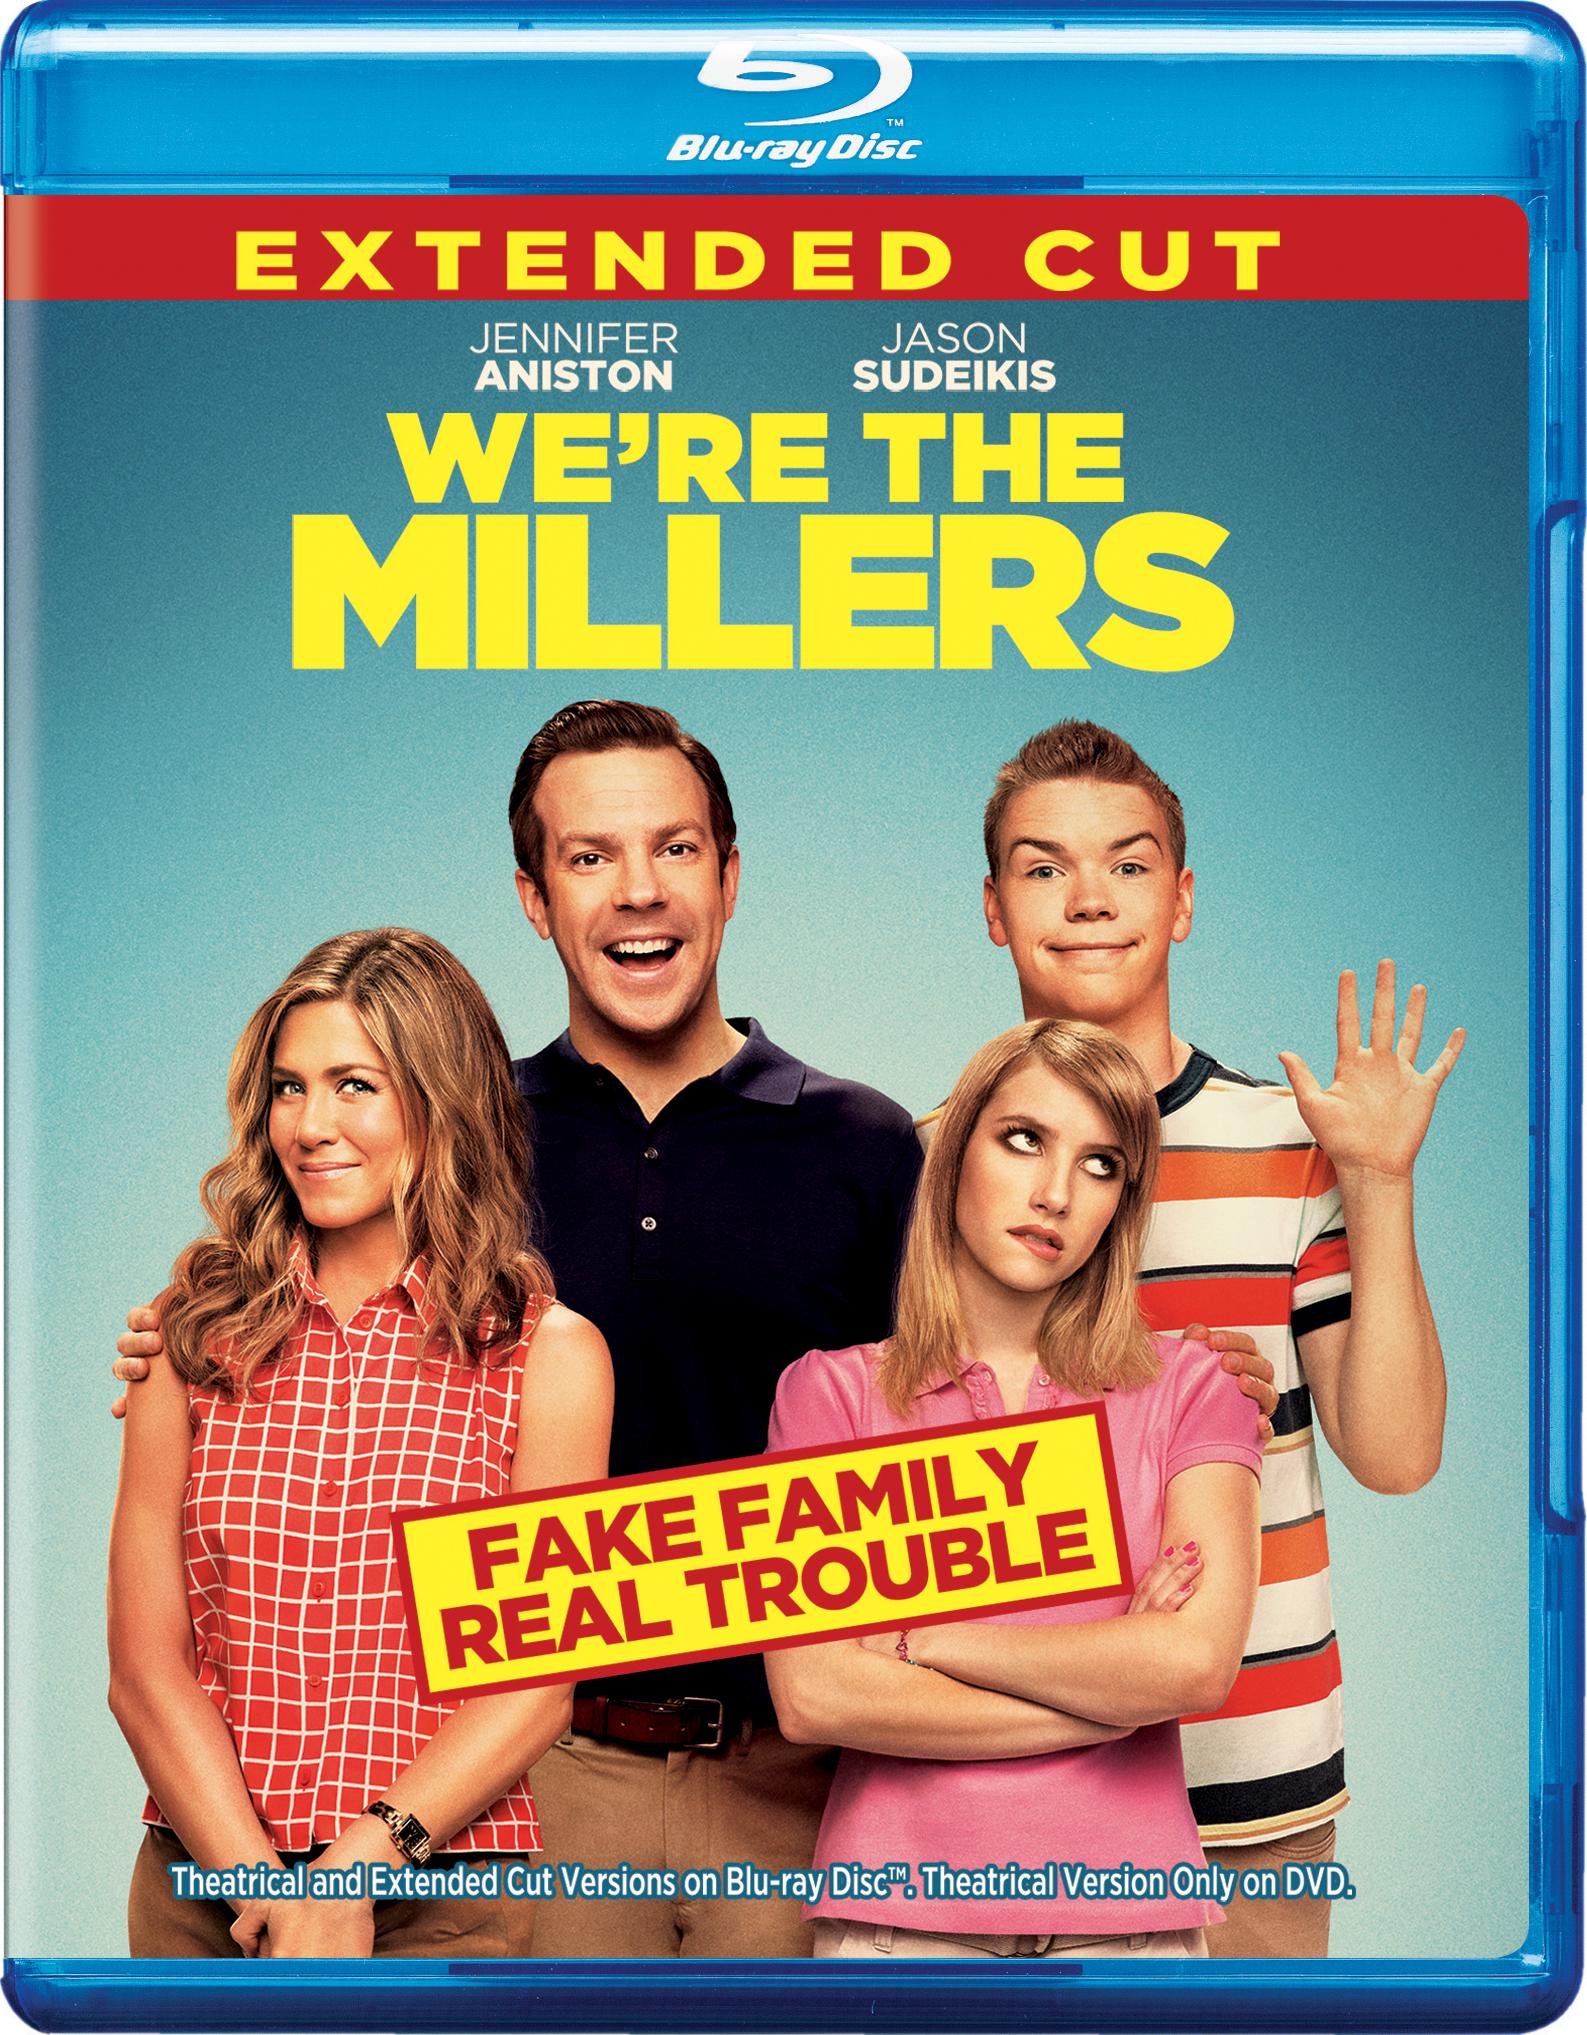 We're the Millers (Blu-ray + DVD+ Digital) $5.99 - $5.99